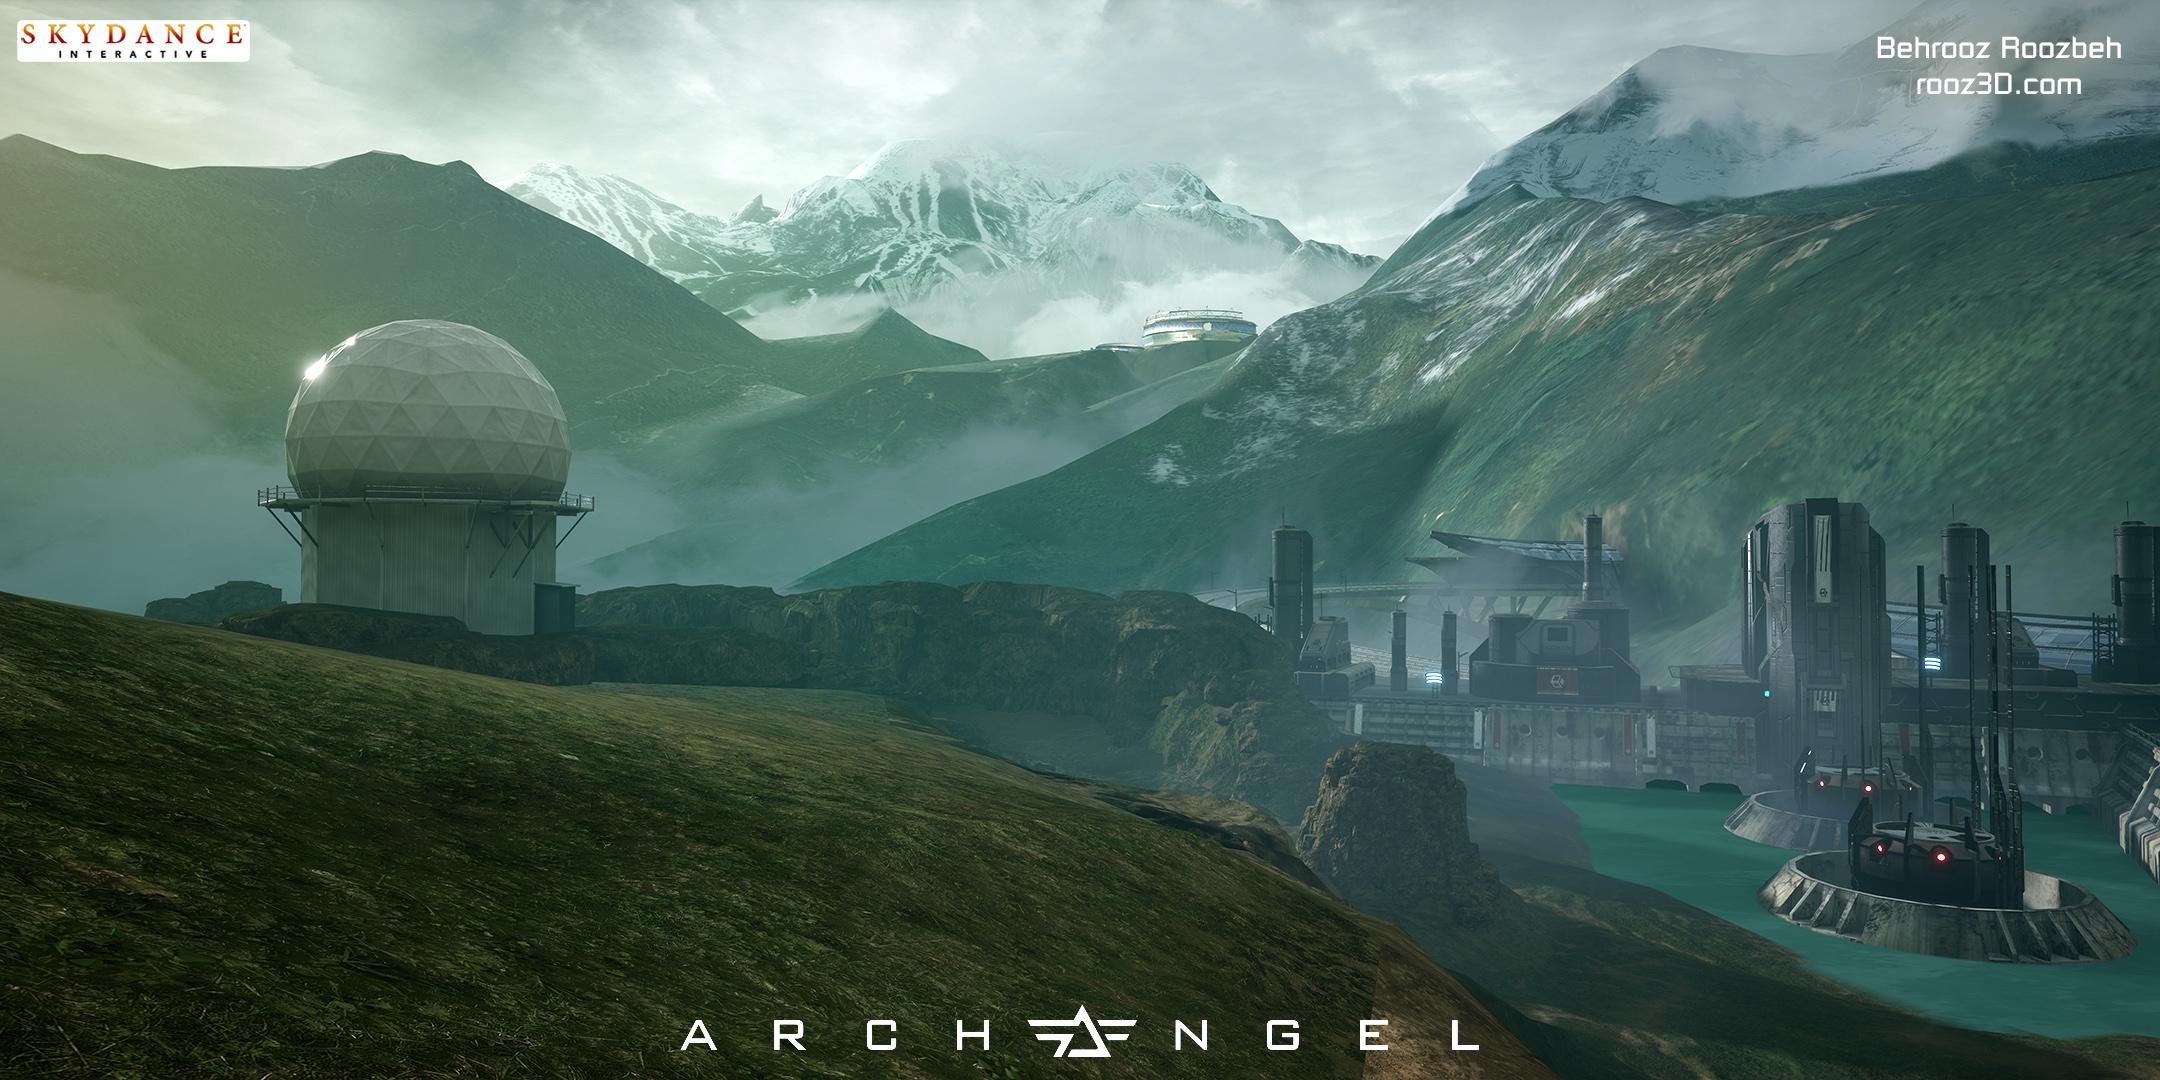 Archangel_VR_017.jpg